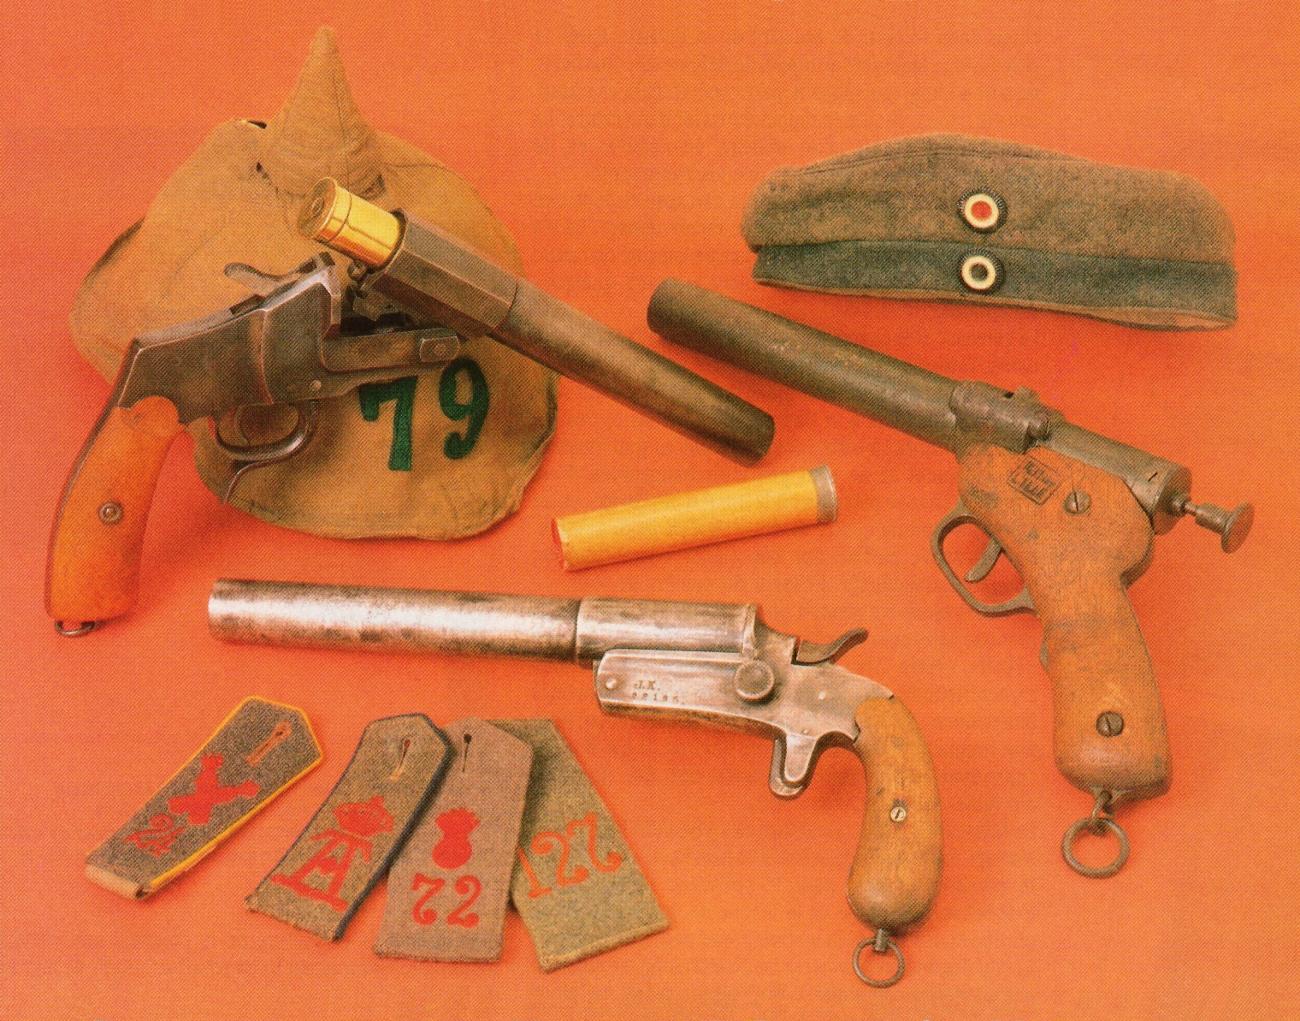 Les trois principaux modèles réglementaires allemands côtoient un casque à pointe recouvert d'une housse de camouflage, une casquette Feldmutze de chasseurs à pied prussiens ainsi qu'une sélection de pattes d'épaule d'infanterie et d'artillerie.